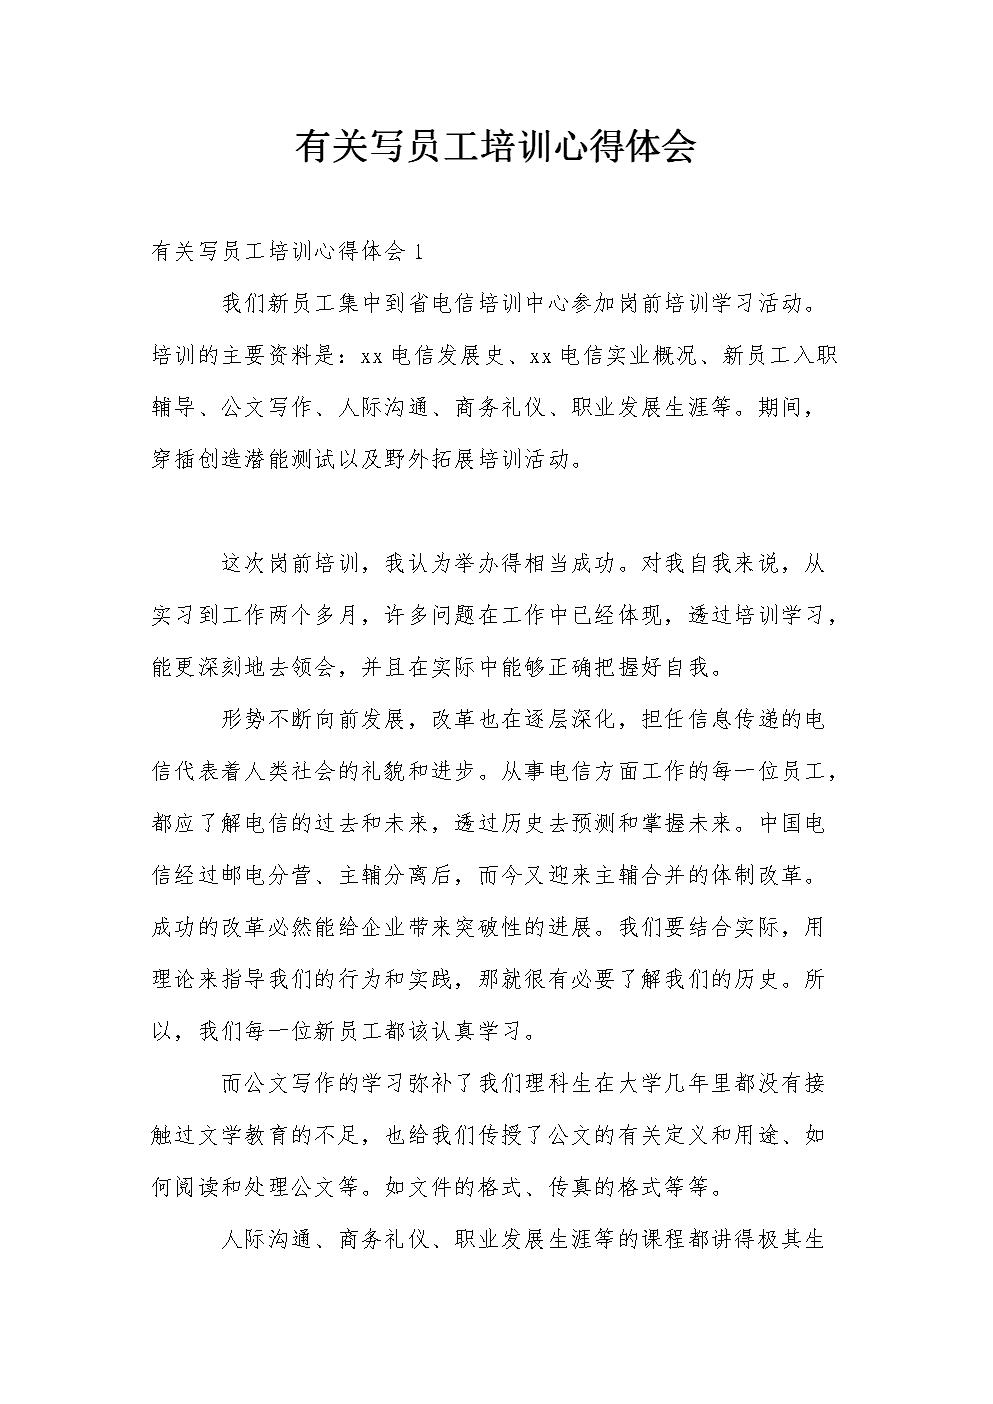 心理心得体会.doc   豆丁网